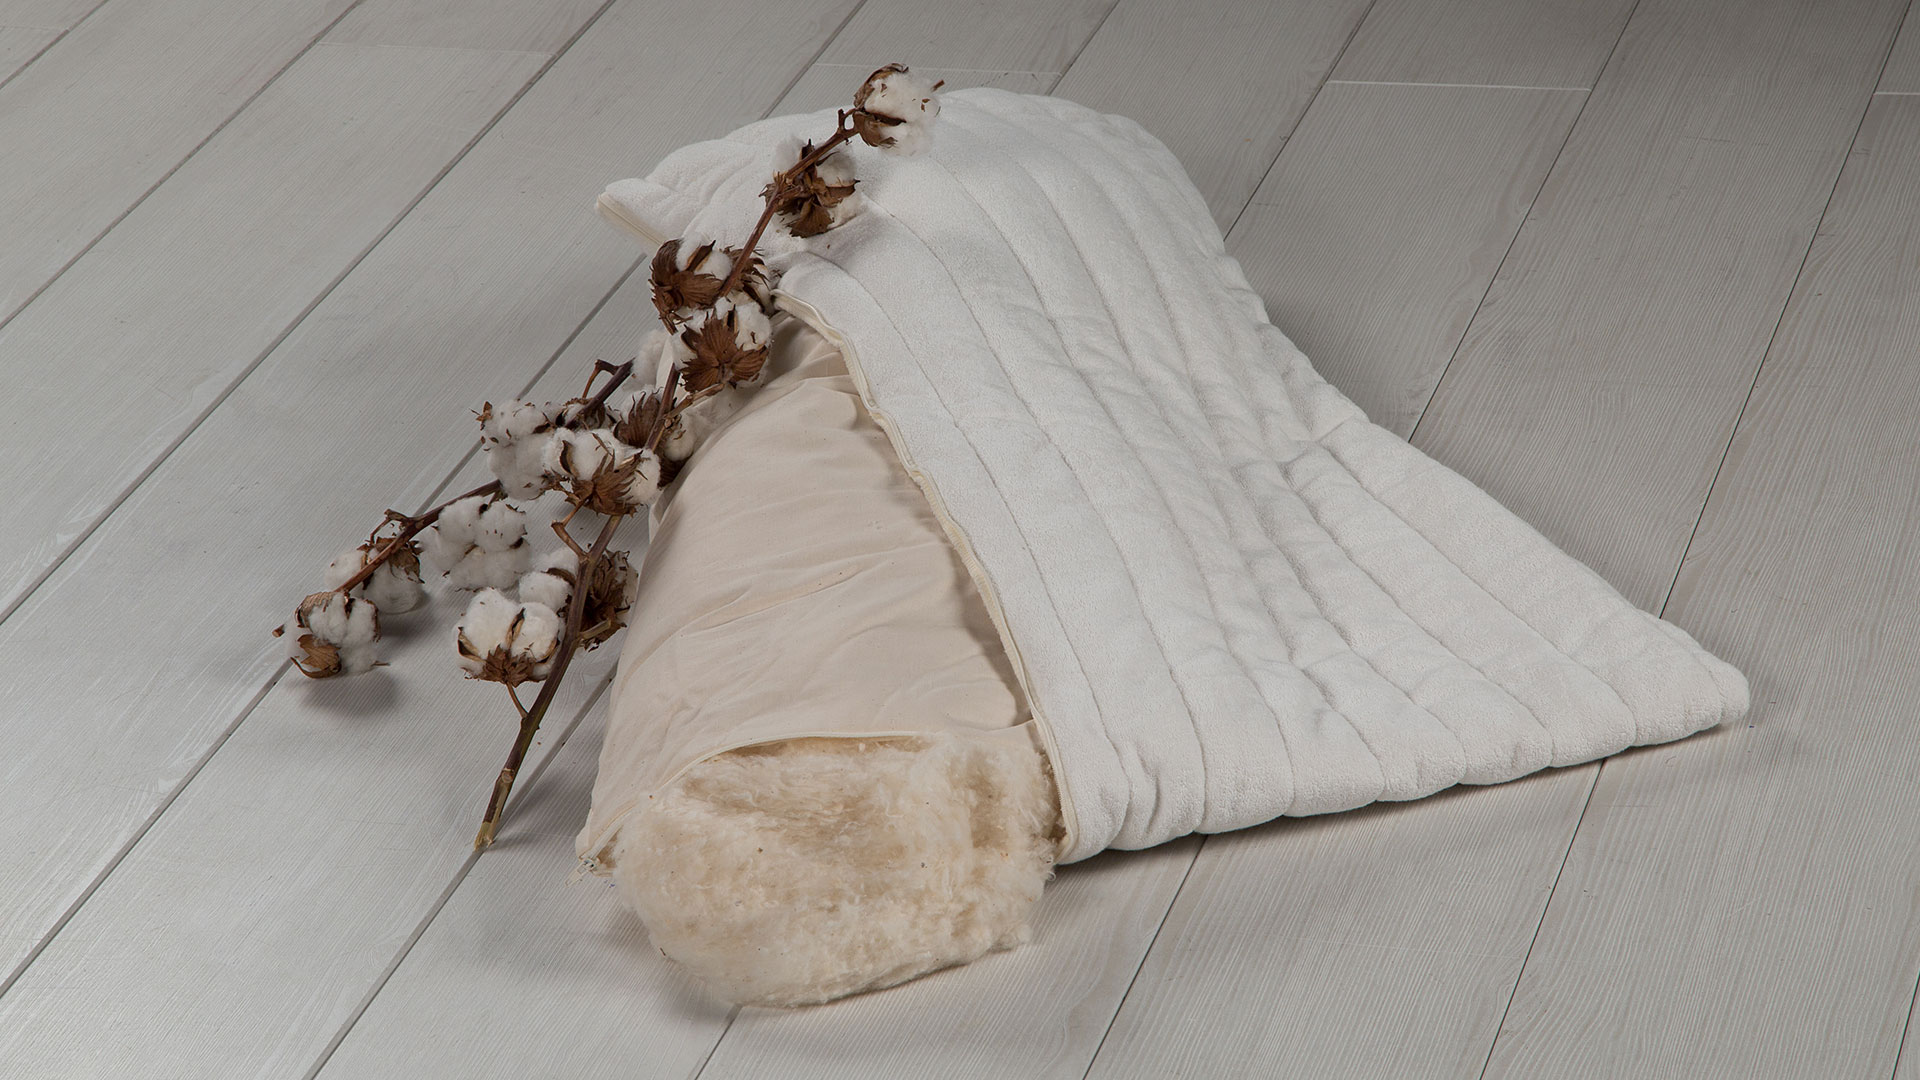 test kunstfaser bettdecken microfaser kopfkissen 80x80 bettw sche 200 x wandfarbe cashmere. Black Bedroom Furniture Sets. Home Design Ideas